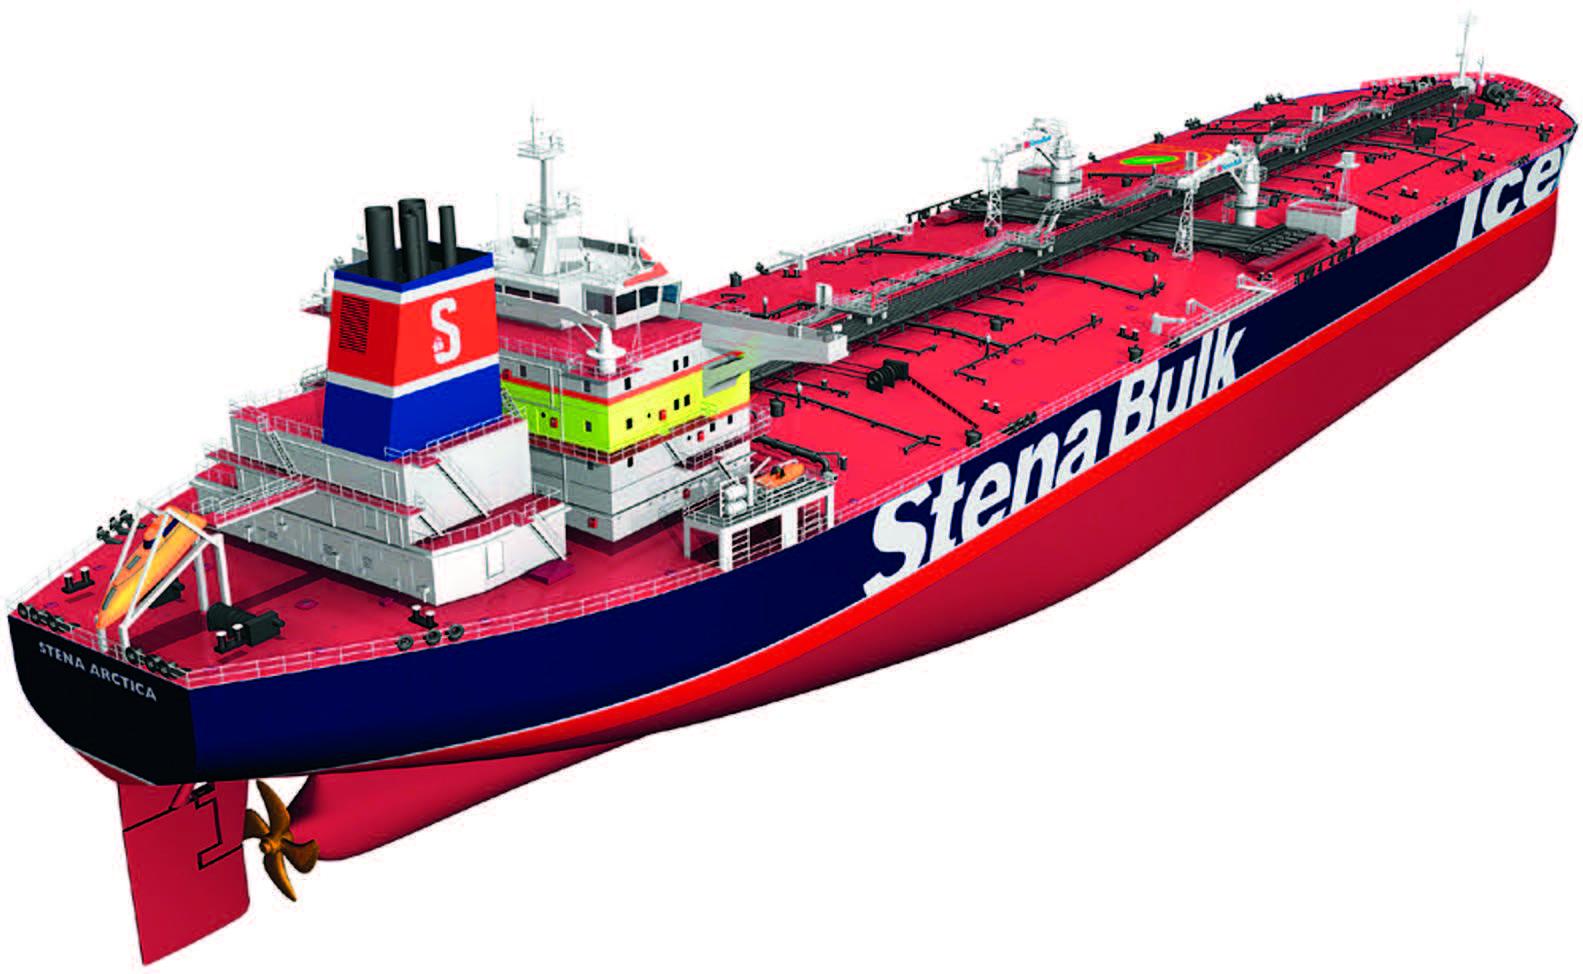 Aframax tanker